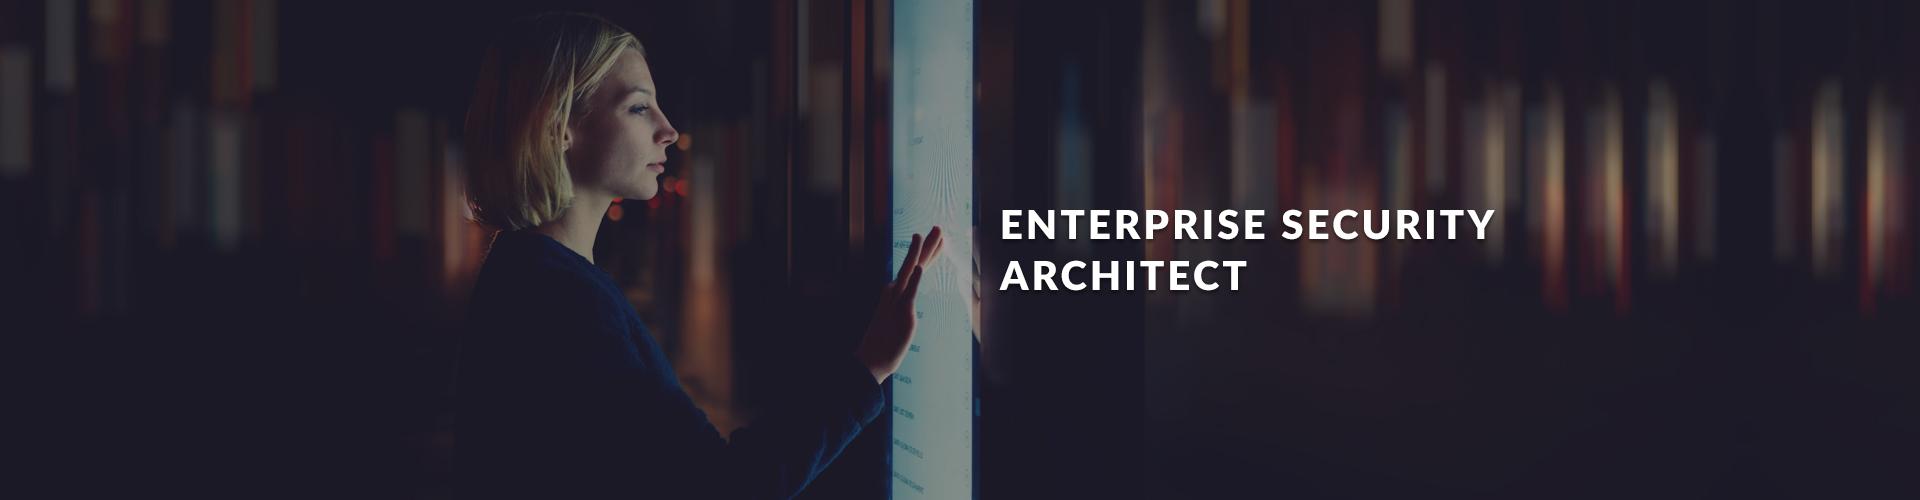 Enterprise Security Architect